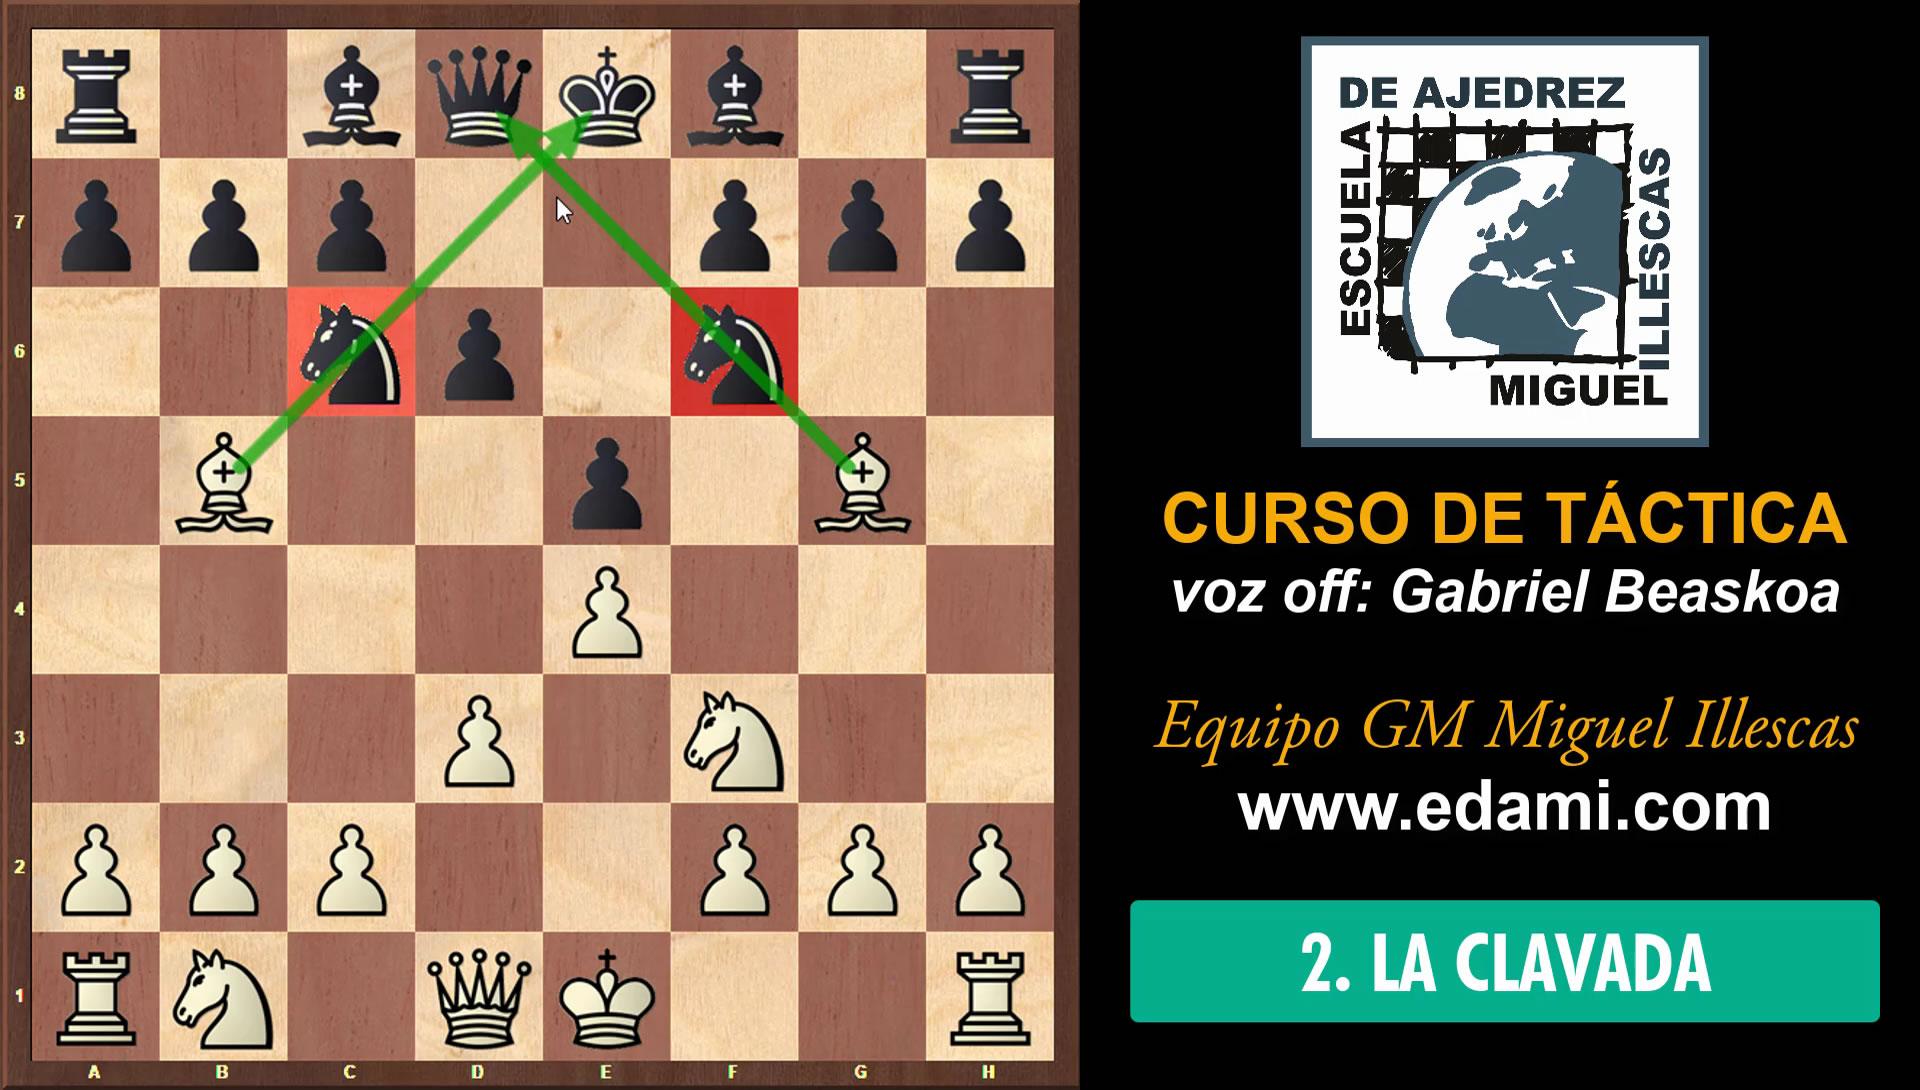 Curso de Táctica de ajedrez EDAMI #02 - La Clavada